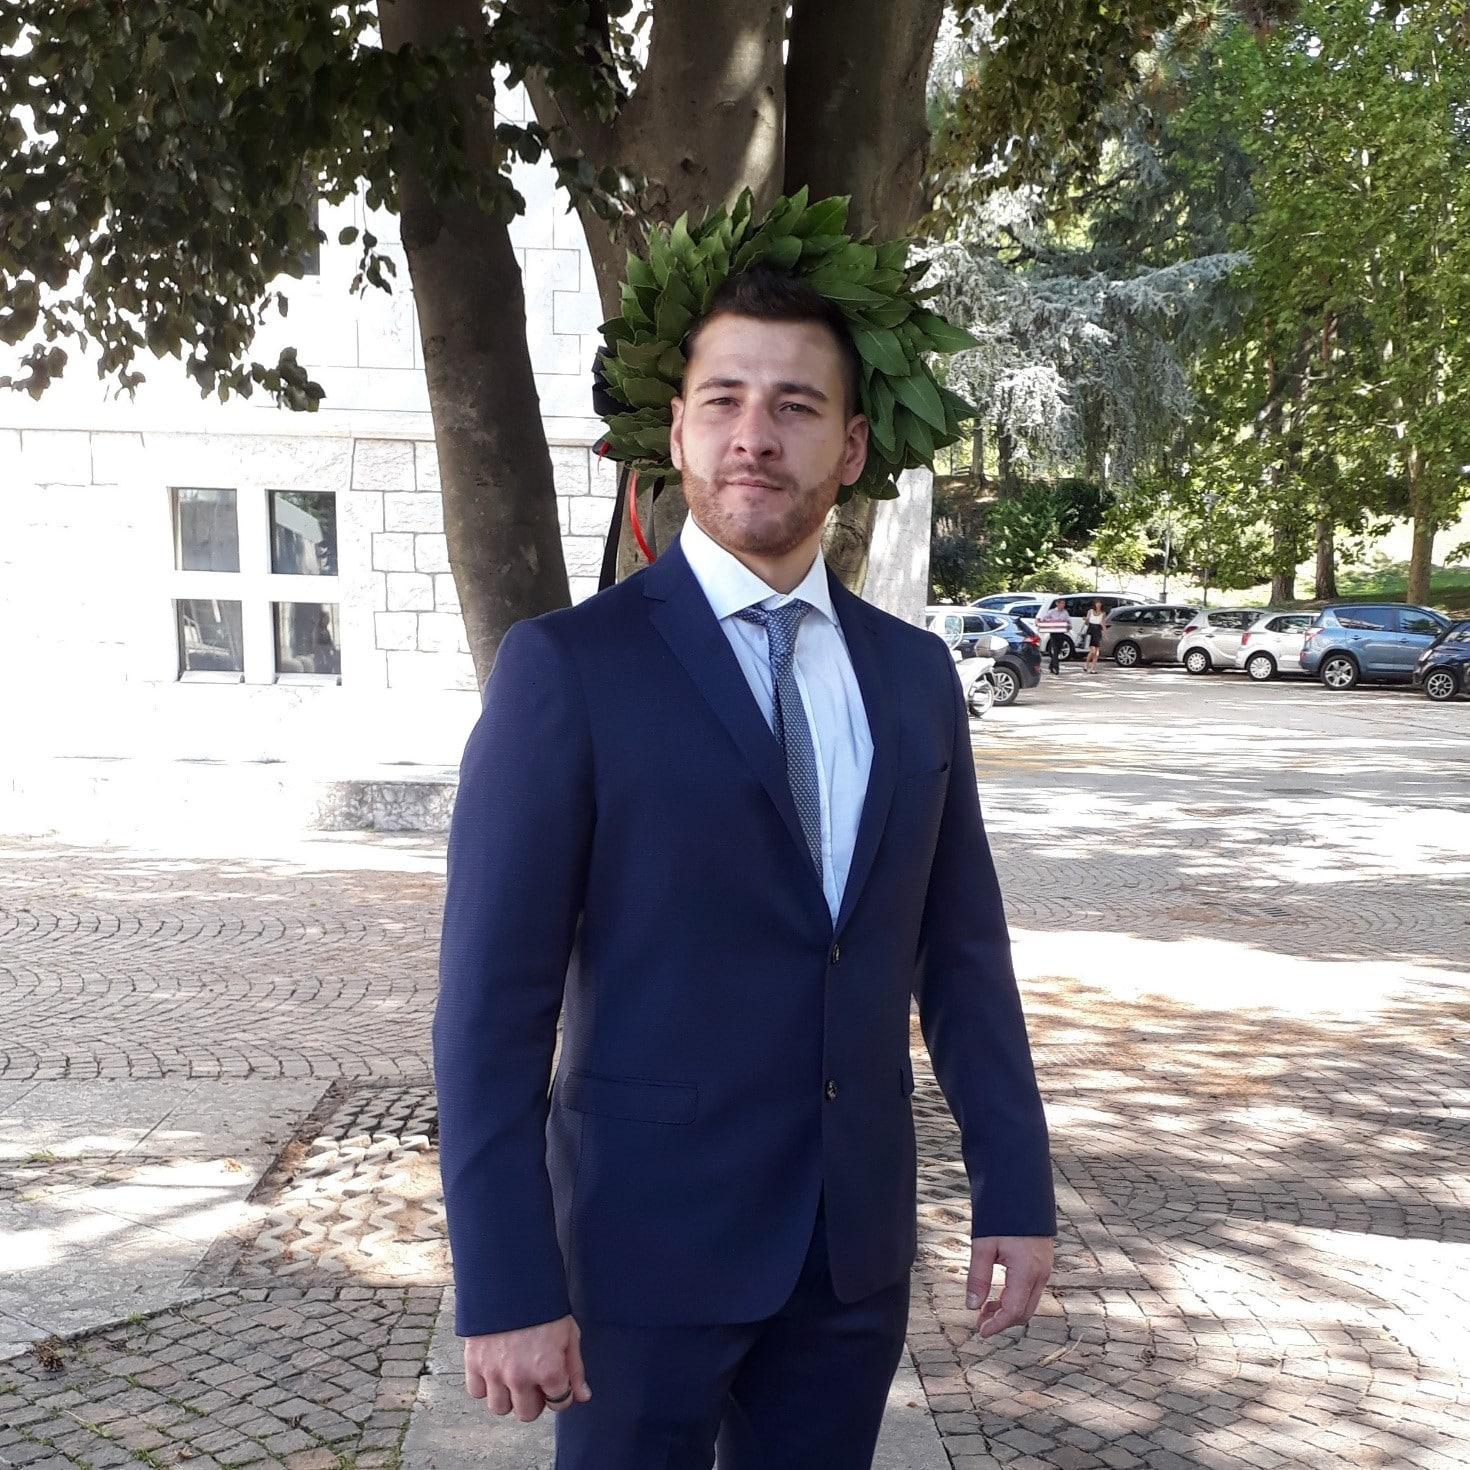 Augusto Pedron